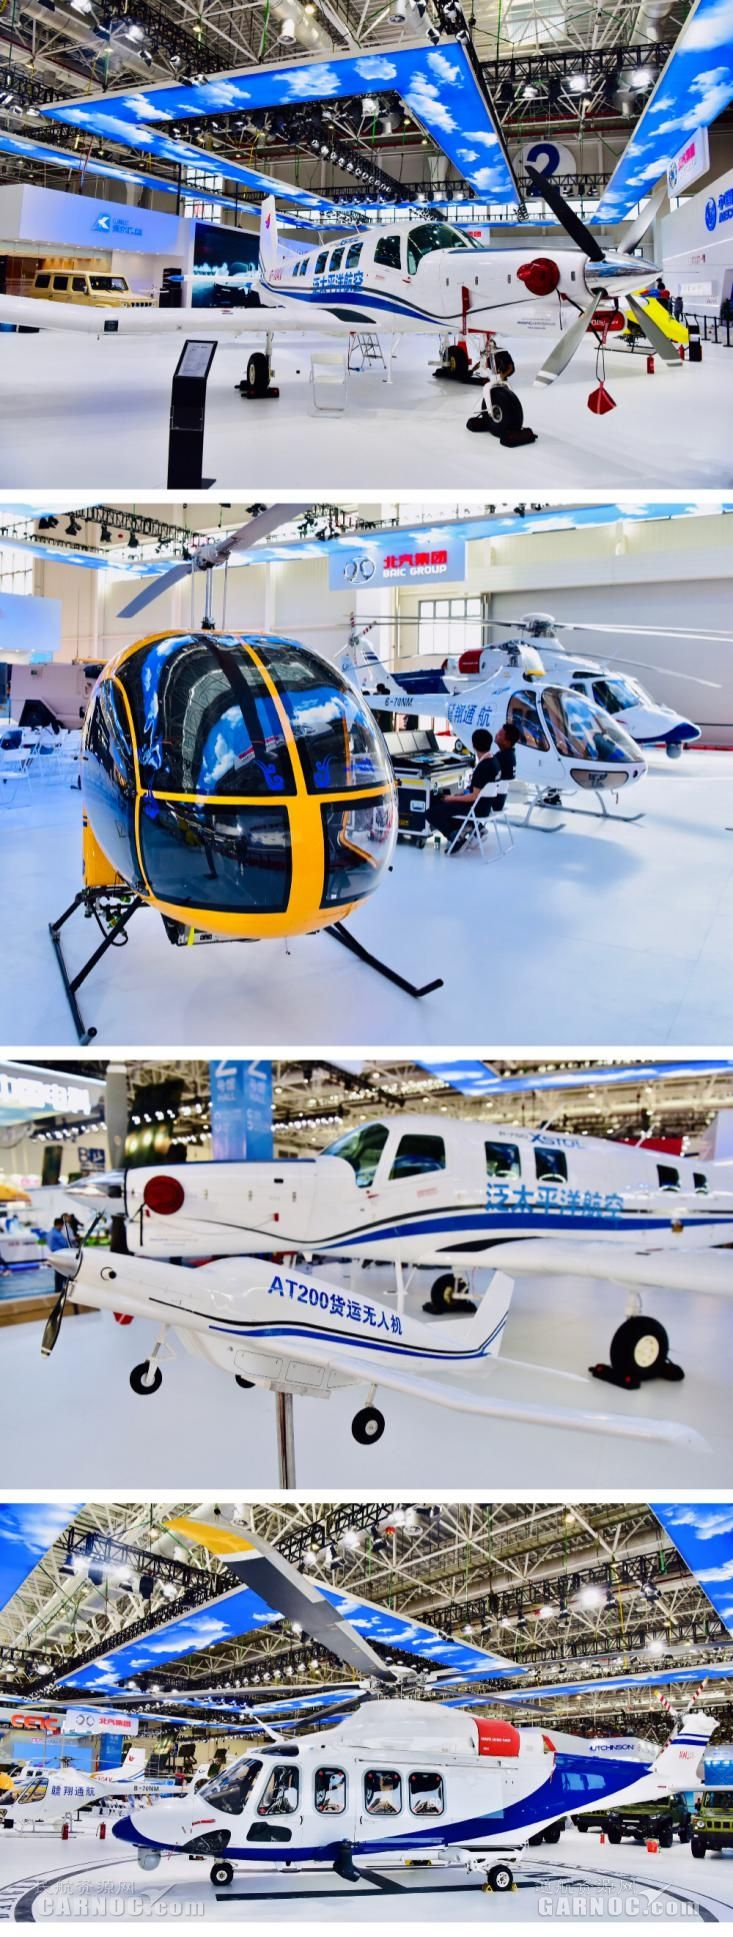 北京通航各种机型。图片来源:北京通航 摄影:北京通航